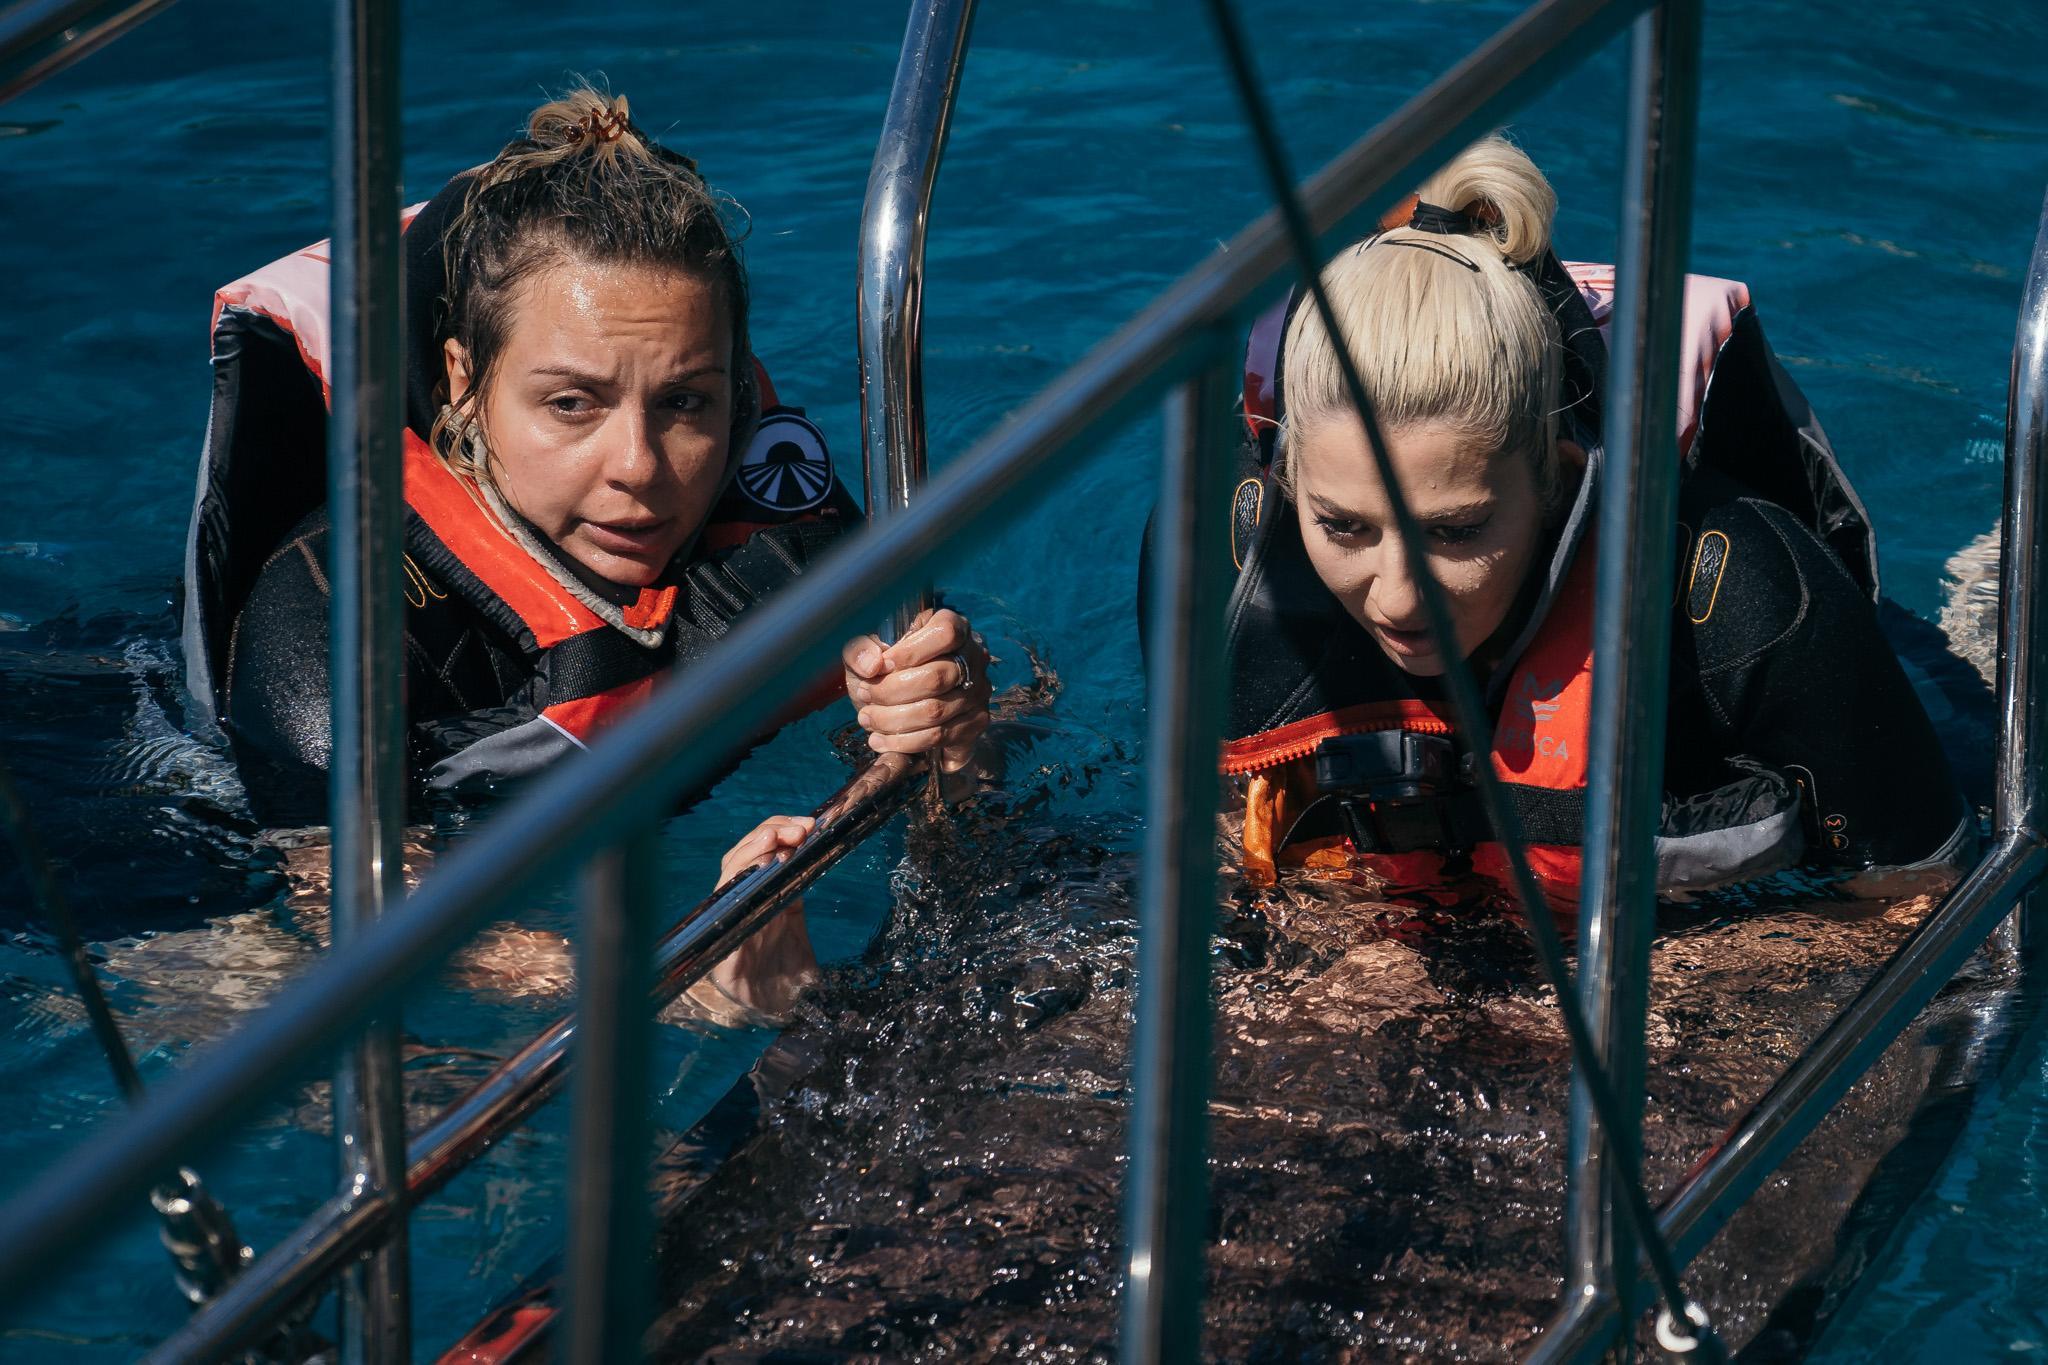 """Asia Express, 5 octombrie 2021. Două echipe s-au întrecut în """"scufundat"""" corăbii la Jocul pentru Amuletă. Cum s-au descurcat"""